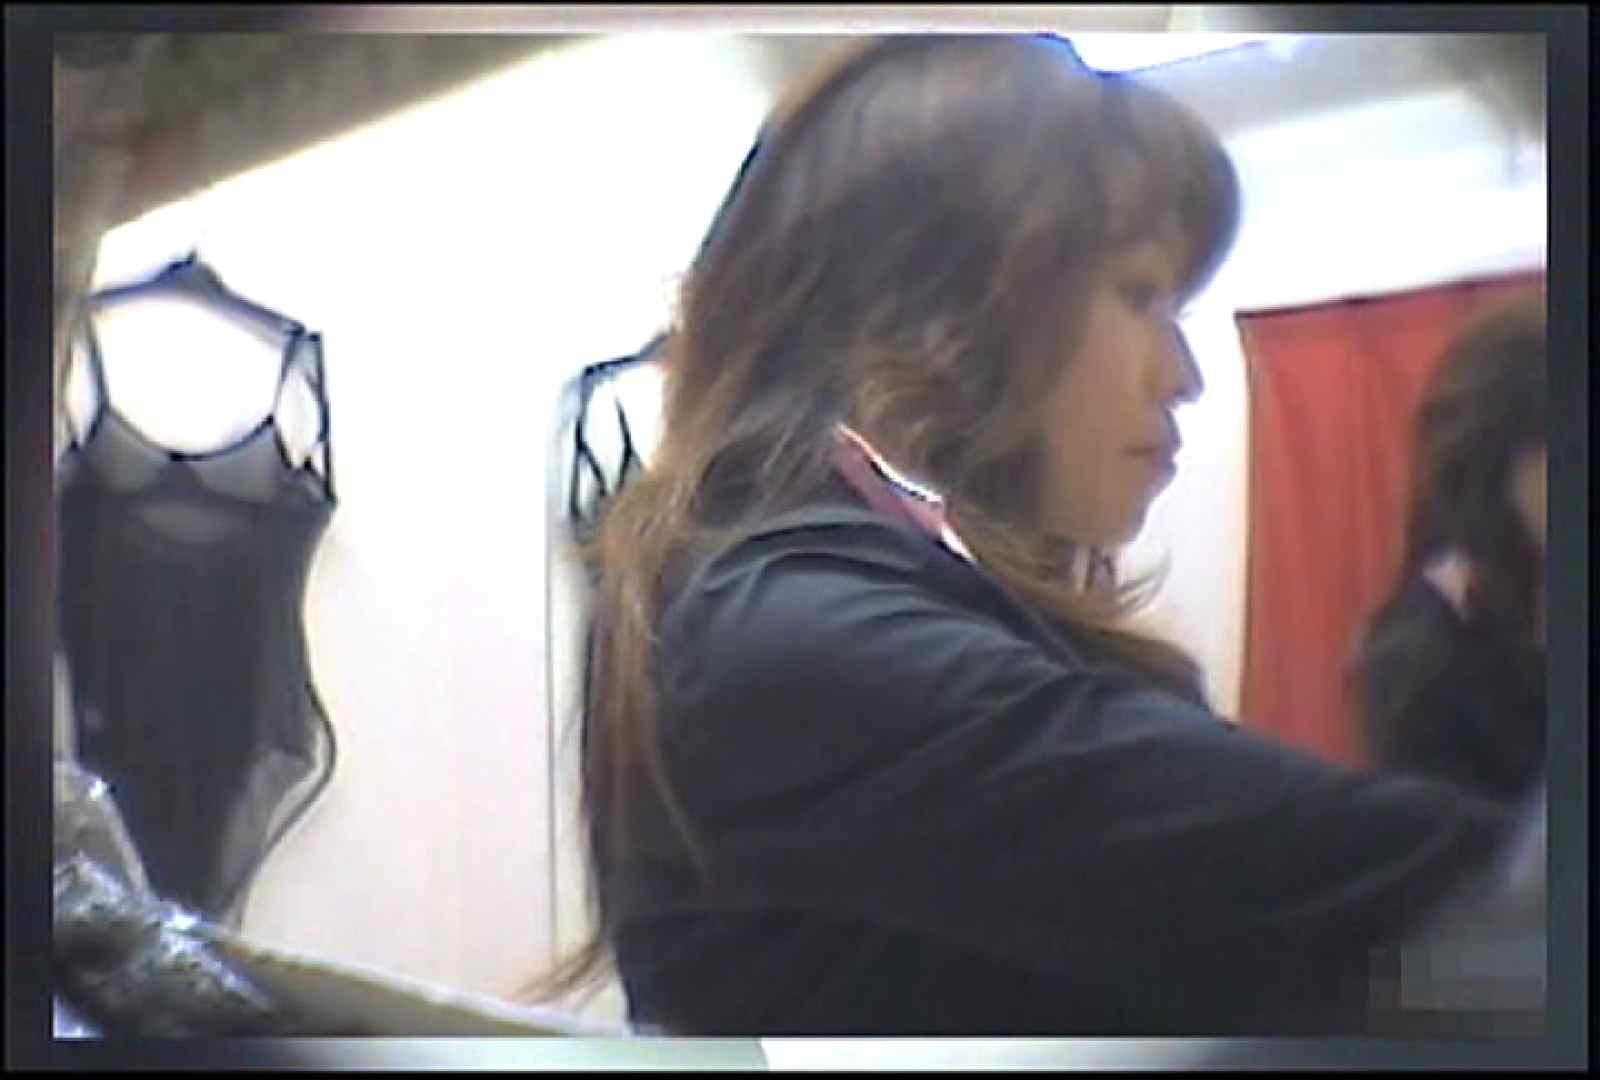 ショップ店長流出!!変態下着を買い漁る女達!Vol.5 すけべなOL   S級美女ギャル  77画像 11